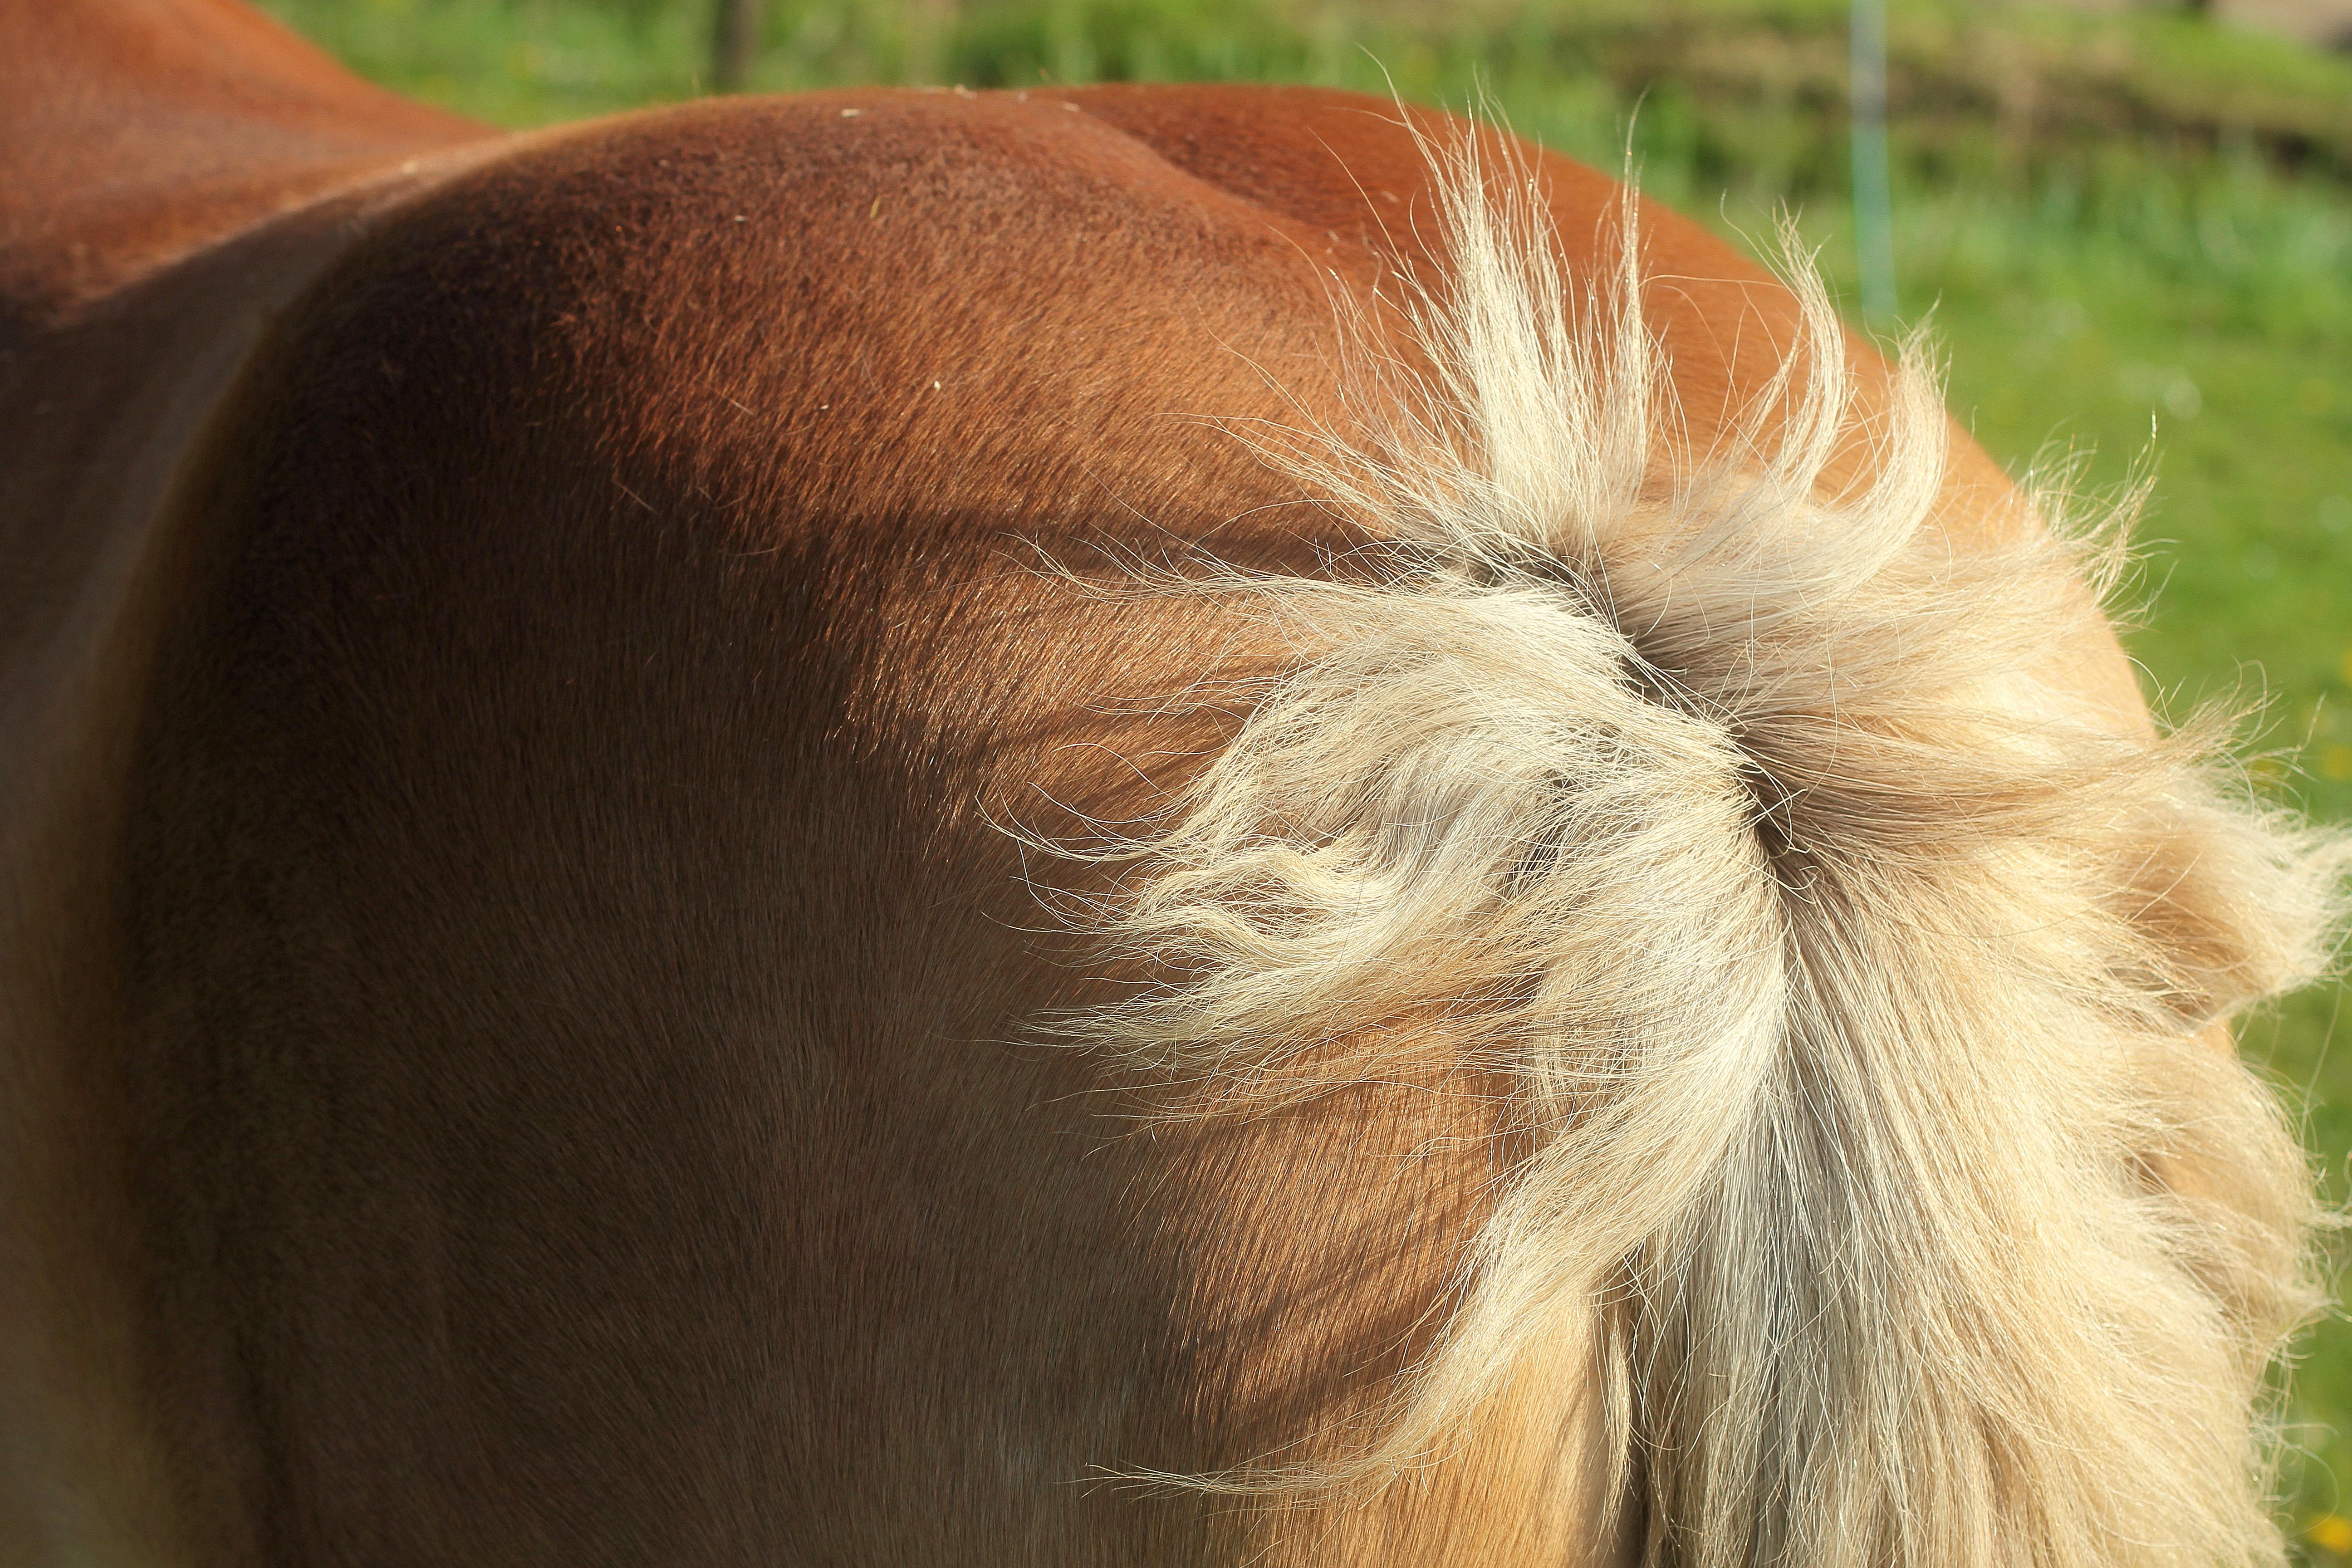 ᐉ самая сильная лошадь в мире, самый мощный конь - zooshop-76.ru